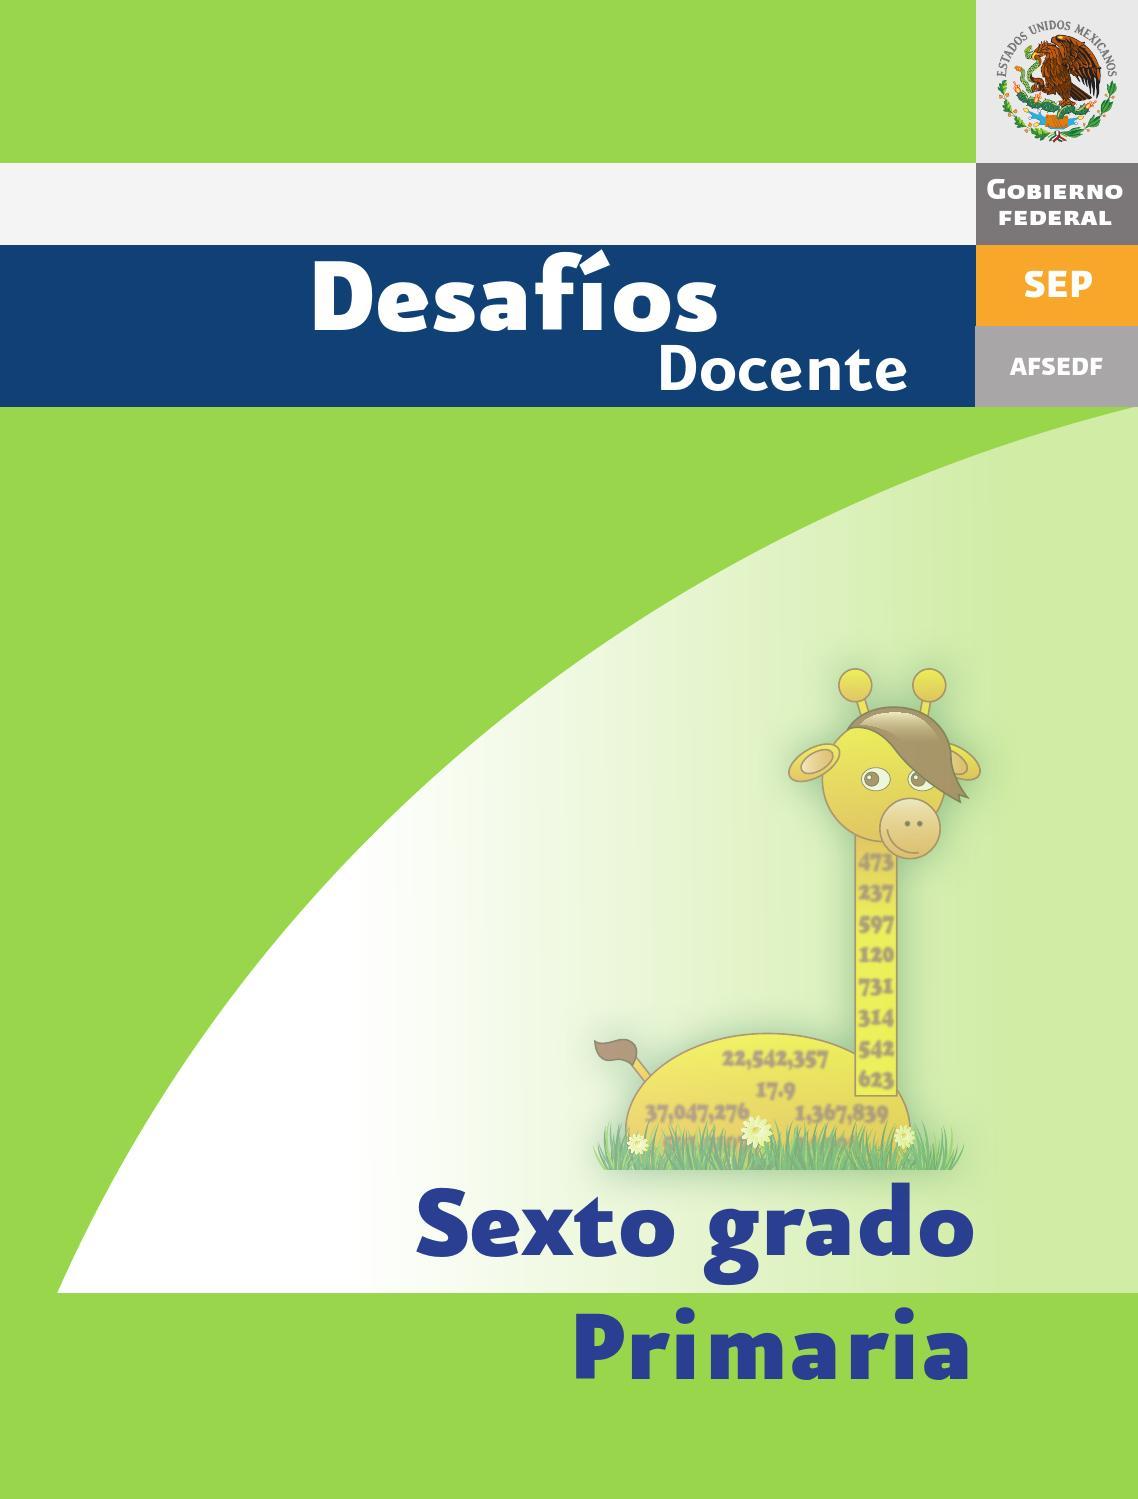 Desafios matematicos docente 6º sexto grado primaria by GINES CIUDAD ...